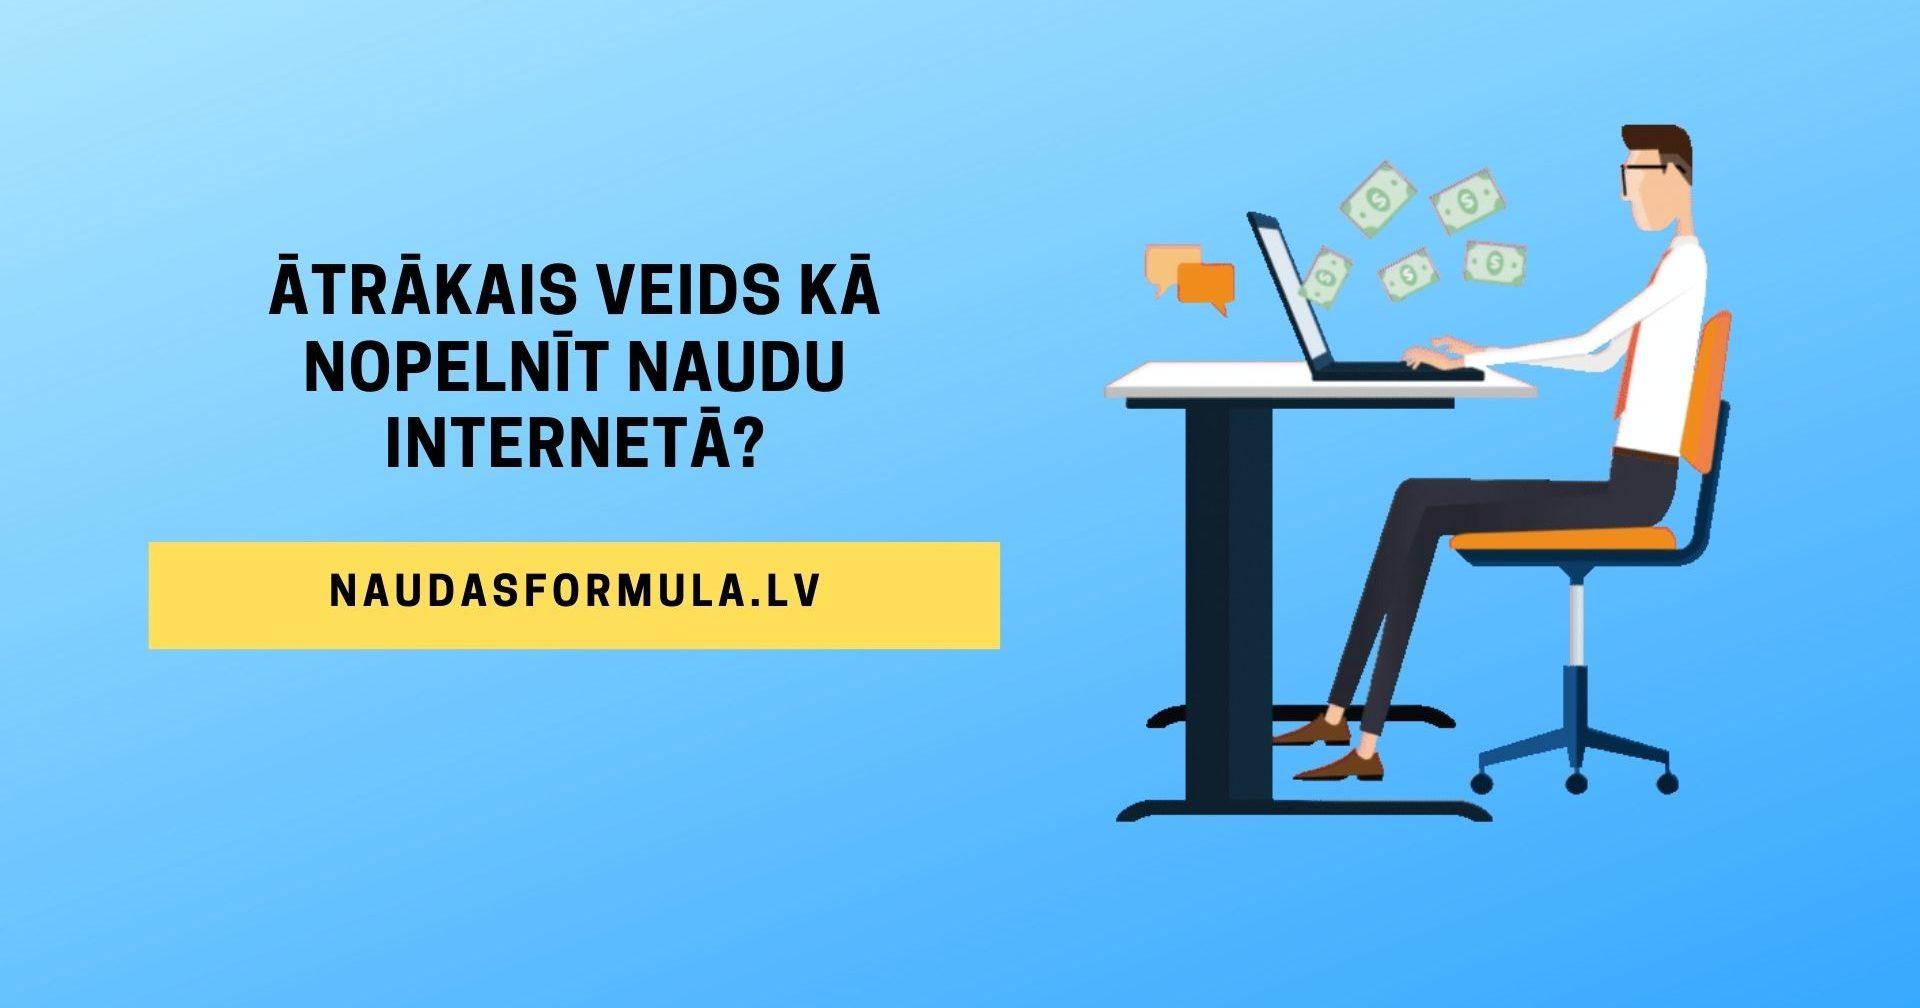 godīga naudas pelnīšana internetā